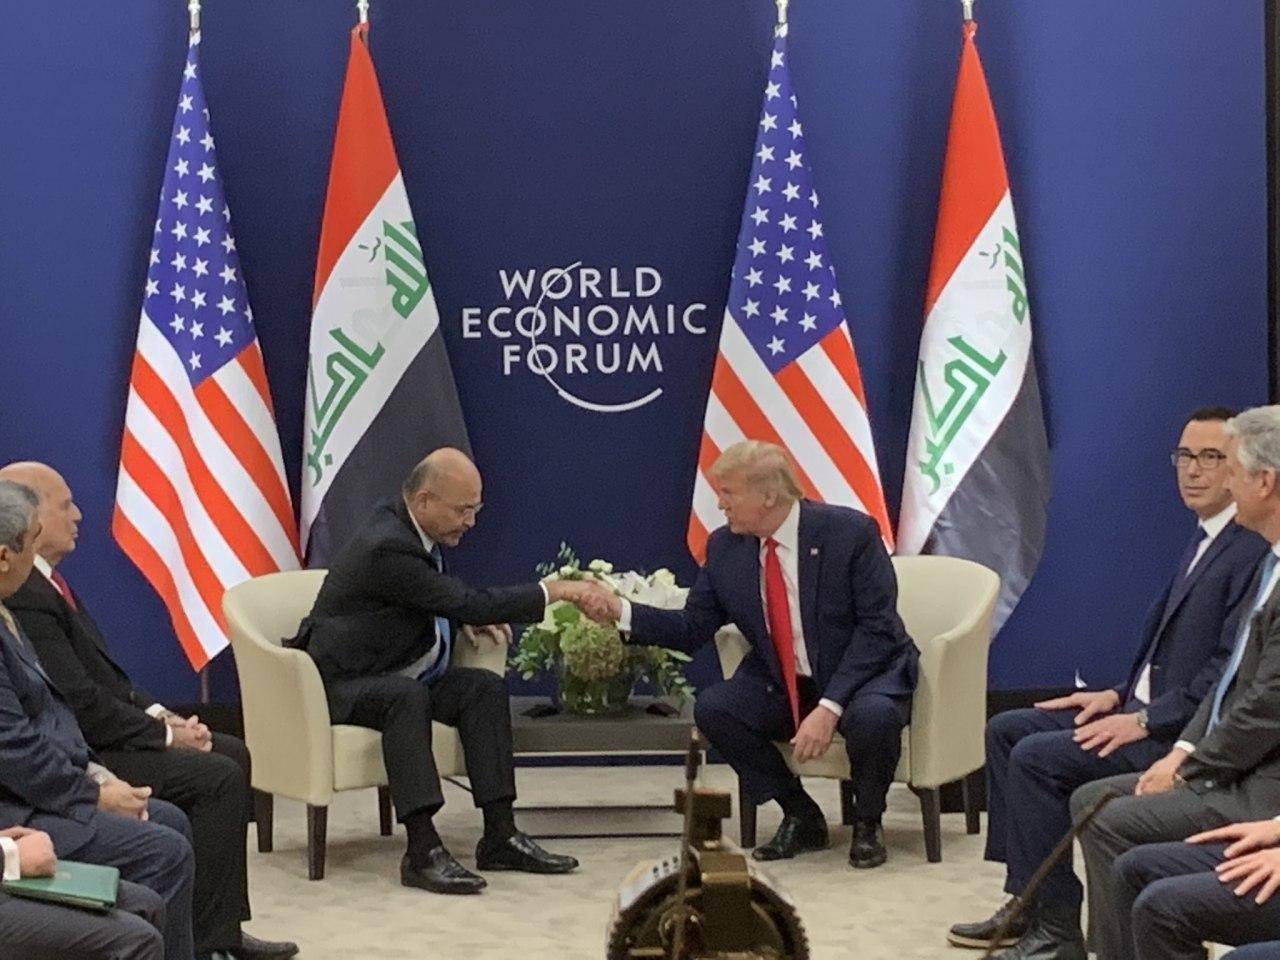 علیرغم مخالفتها، برهم صالح با ترامپ دیدار کرد